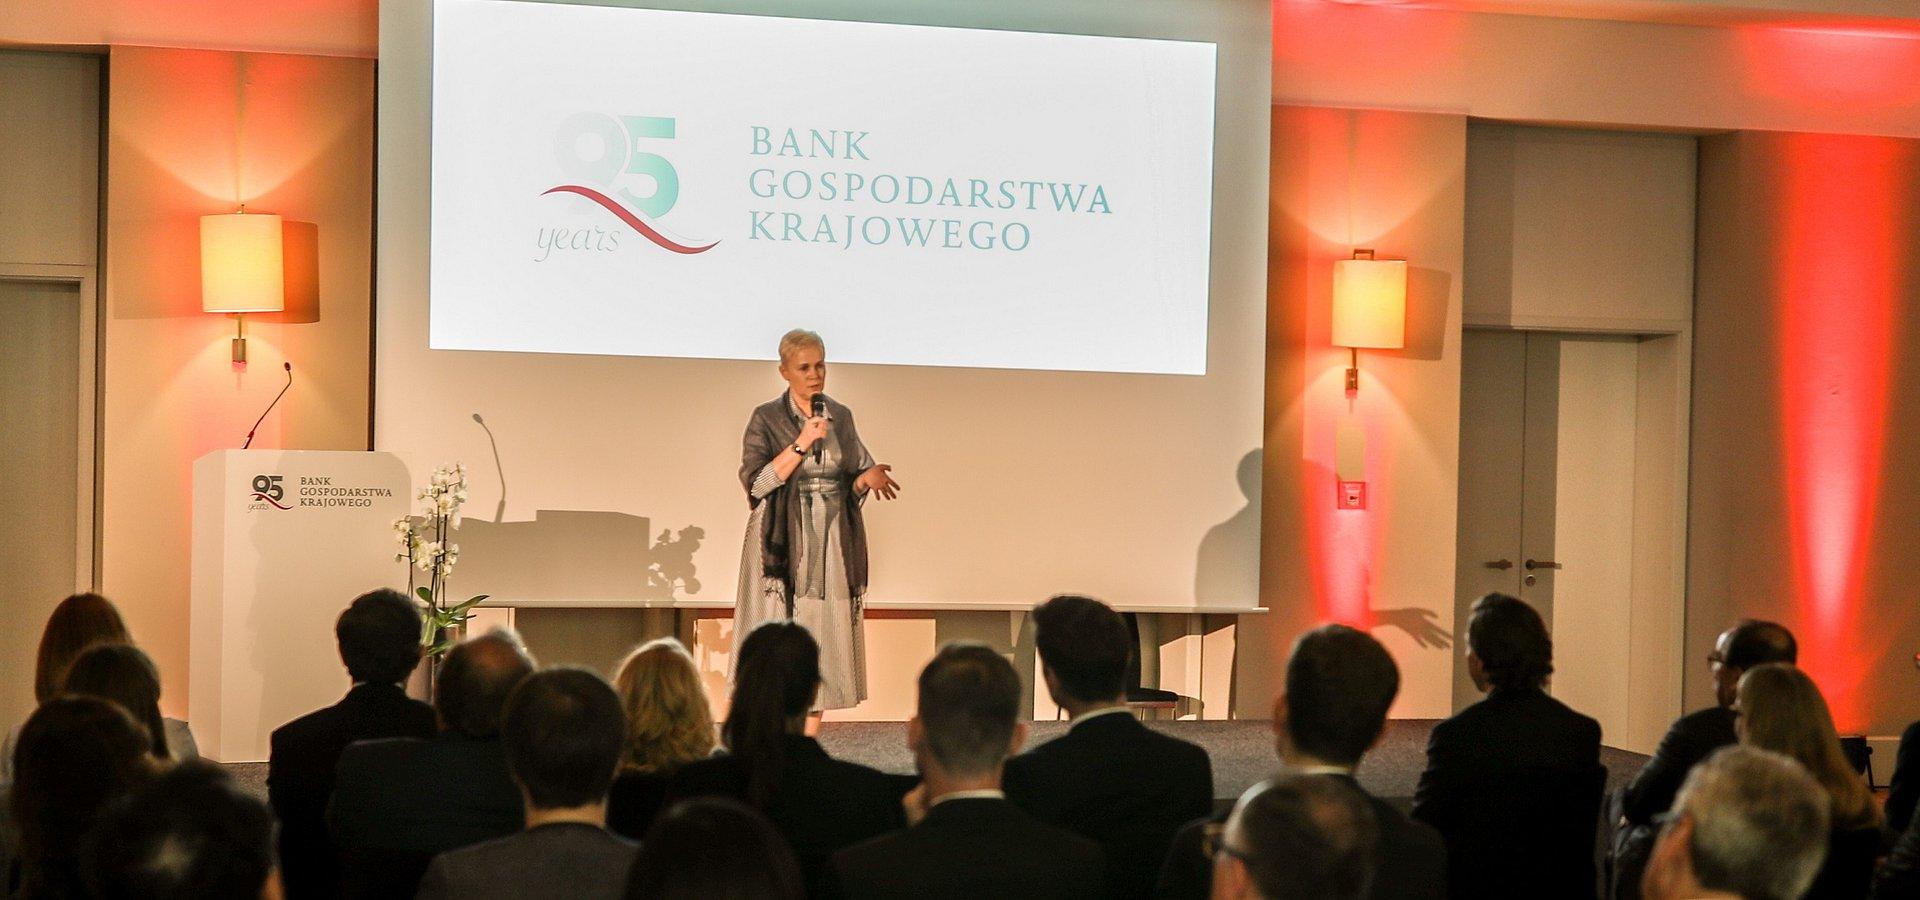 BGK otworzył we Frankfurcie drugie zagraniczne przedstawicielstwo